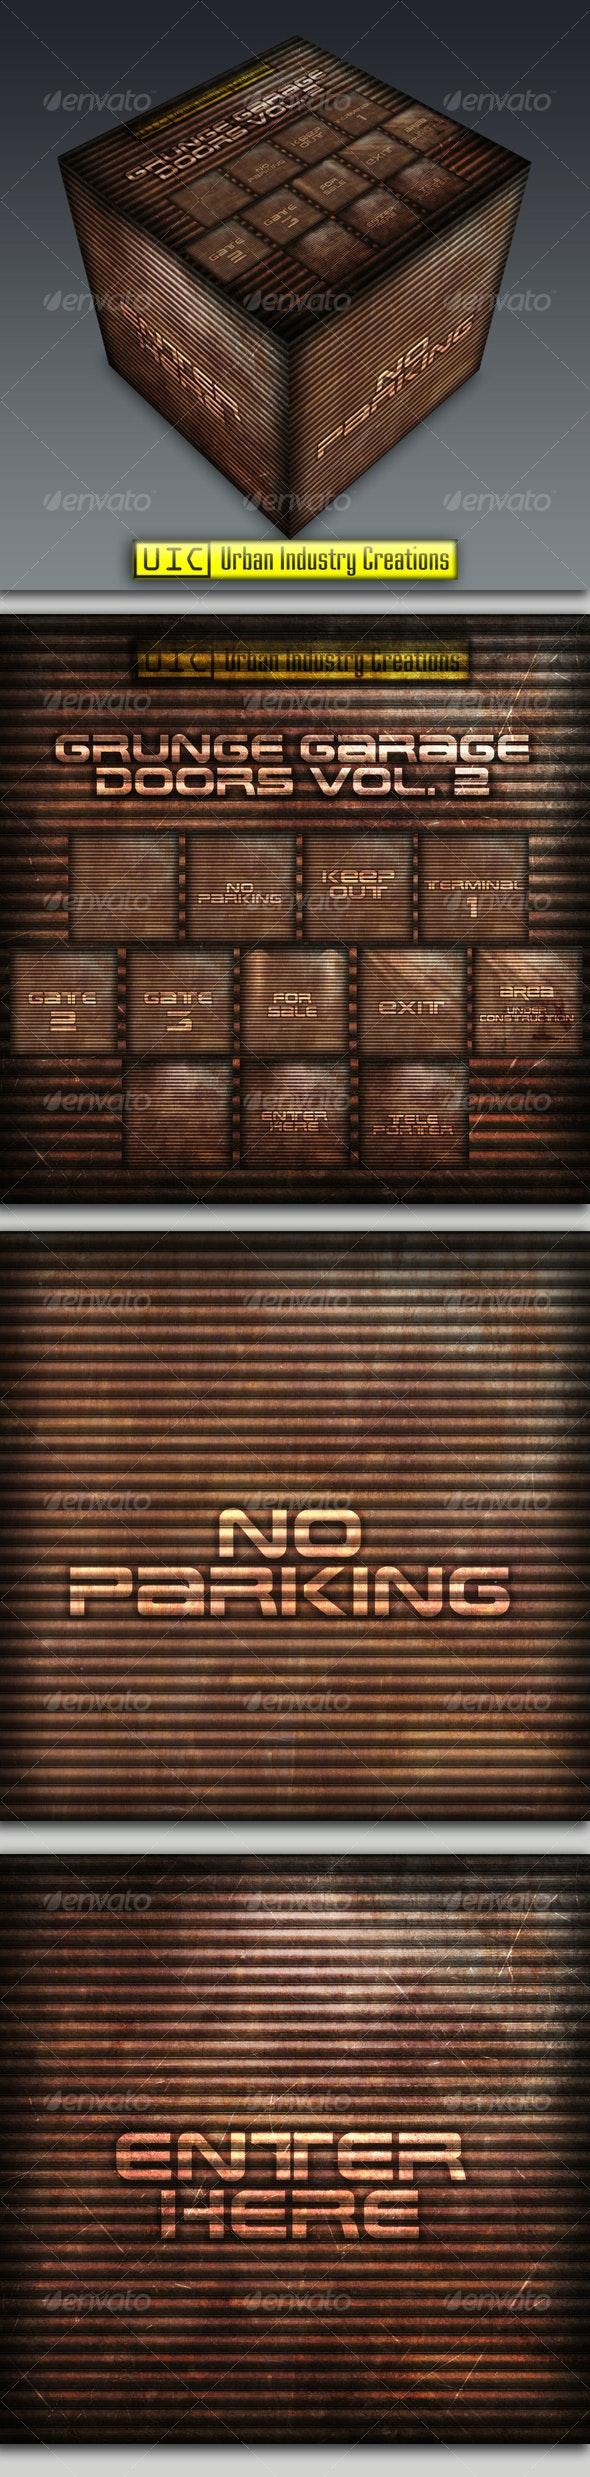 UIC Grunge Garage Door Textures Vol.2 - Industrial / Grunge Textures